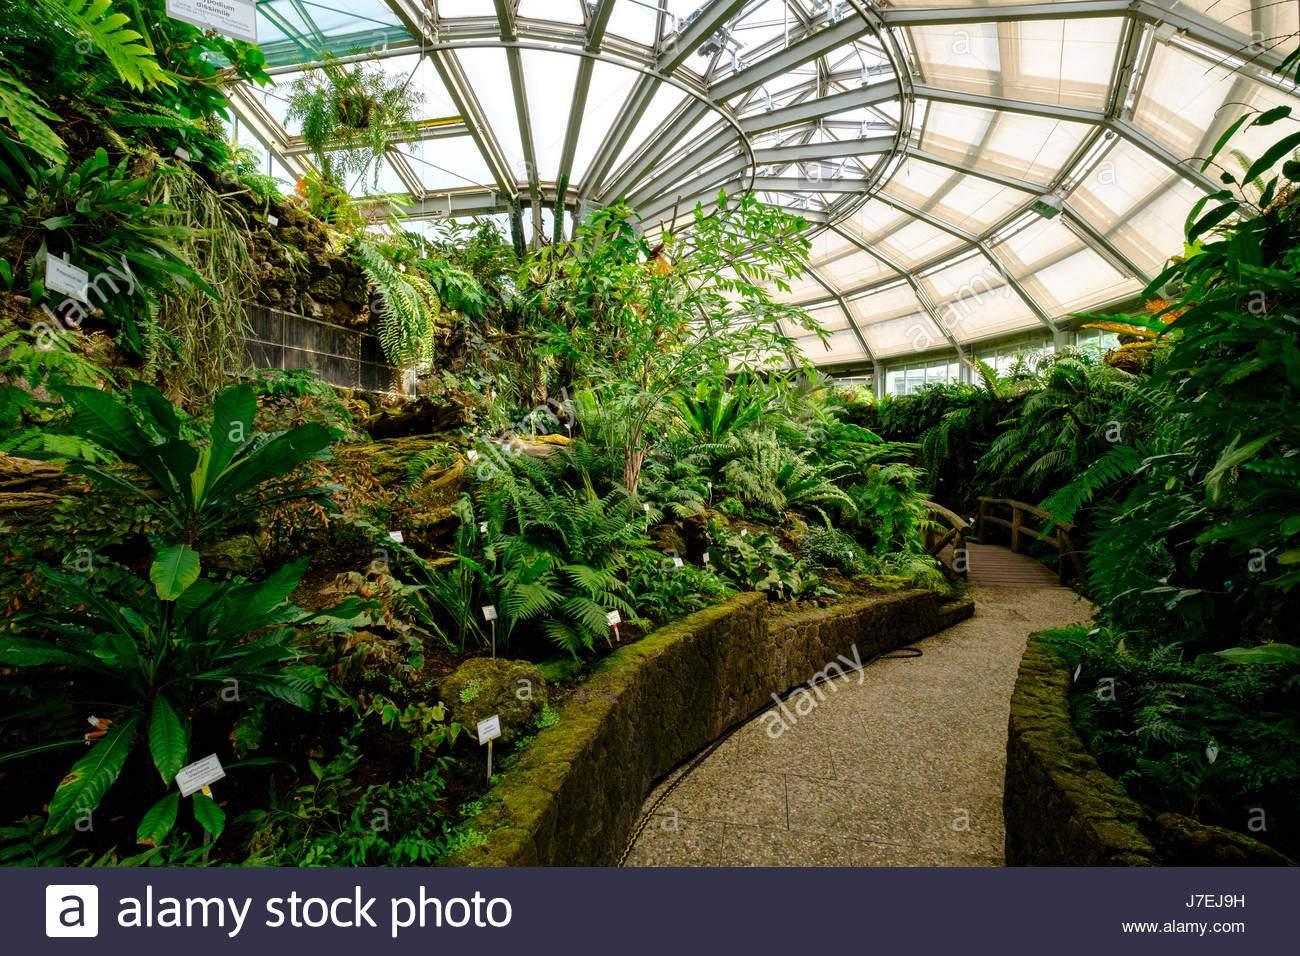 viele sorten von farn im gewachshaus im berliner botanischen garten in dahlem berlin deutschland j7ej9h